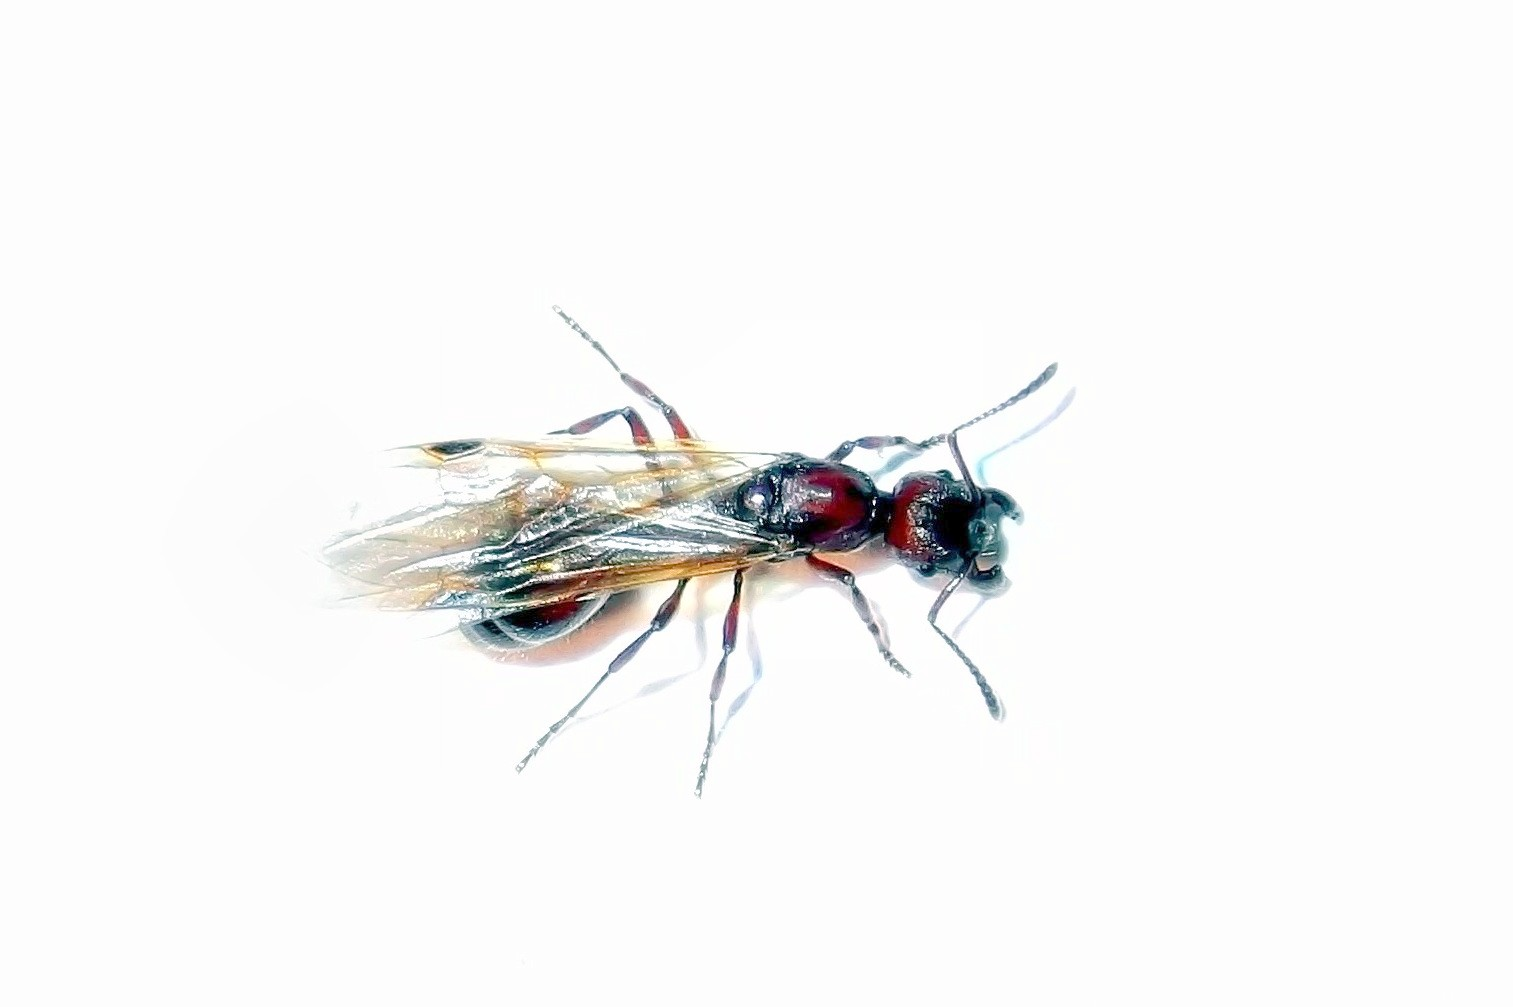 Królowa mrówek Manica rubida